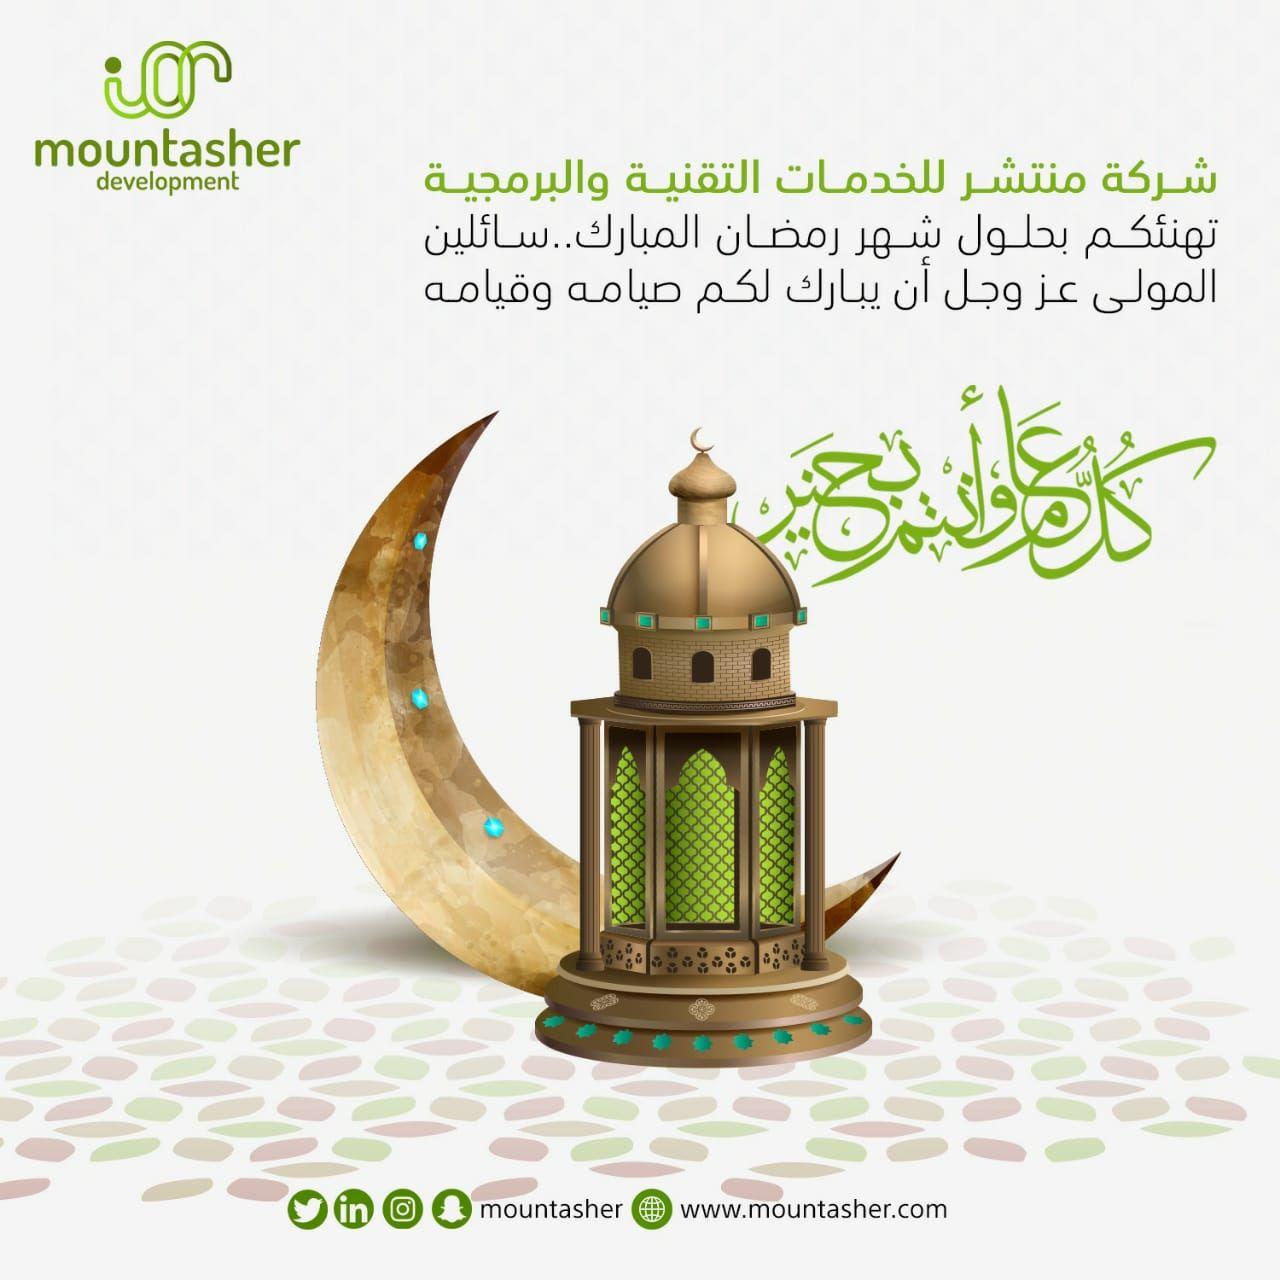 شركة منتشر تهنئ المسلمين بحلول شهر رمضان Novelty Lamp Table Lamp Lamp